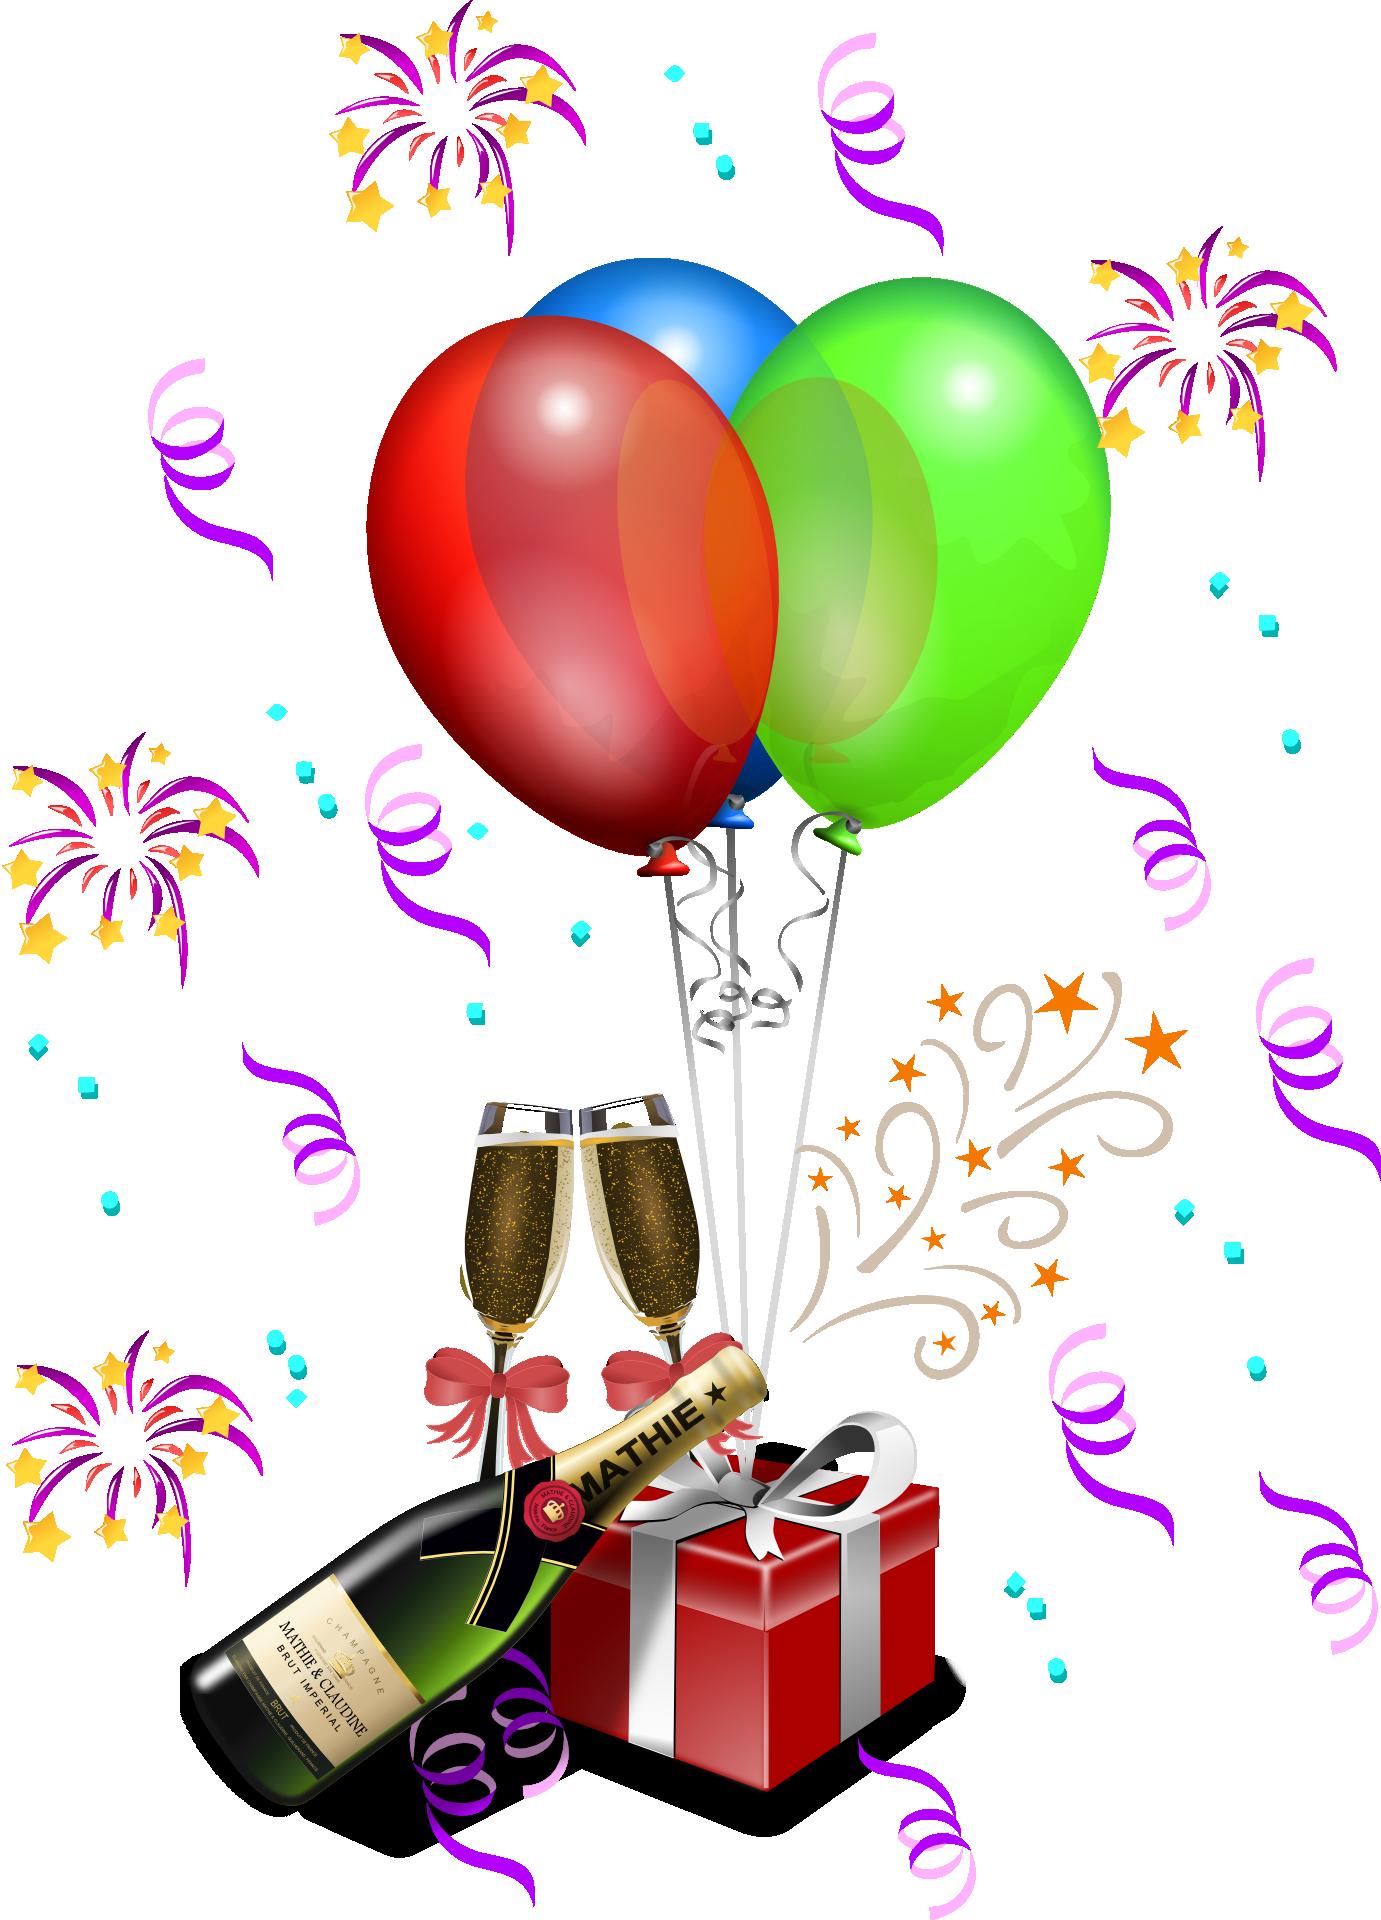 Souvent joyeux anniversaire-bonne fête,-joyeux noel-bonne année-clipart  JA46